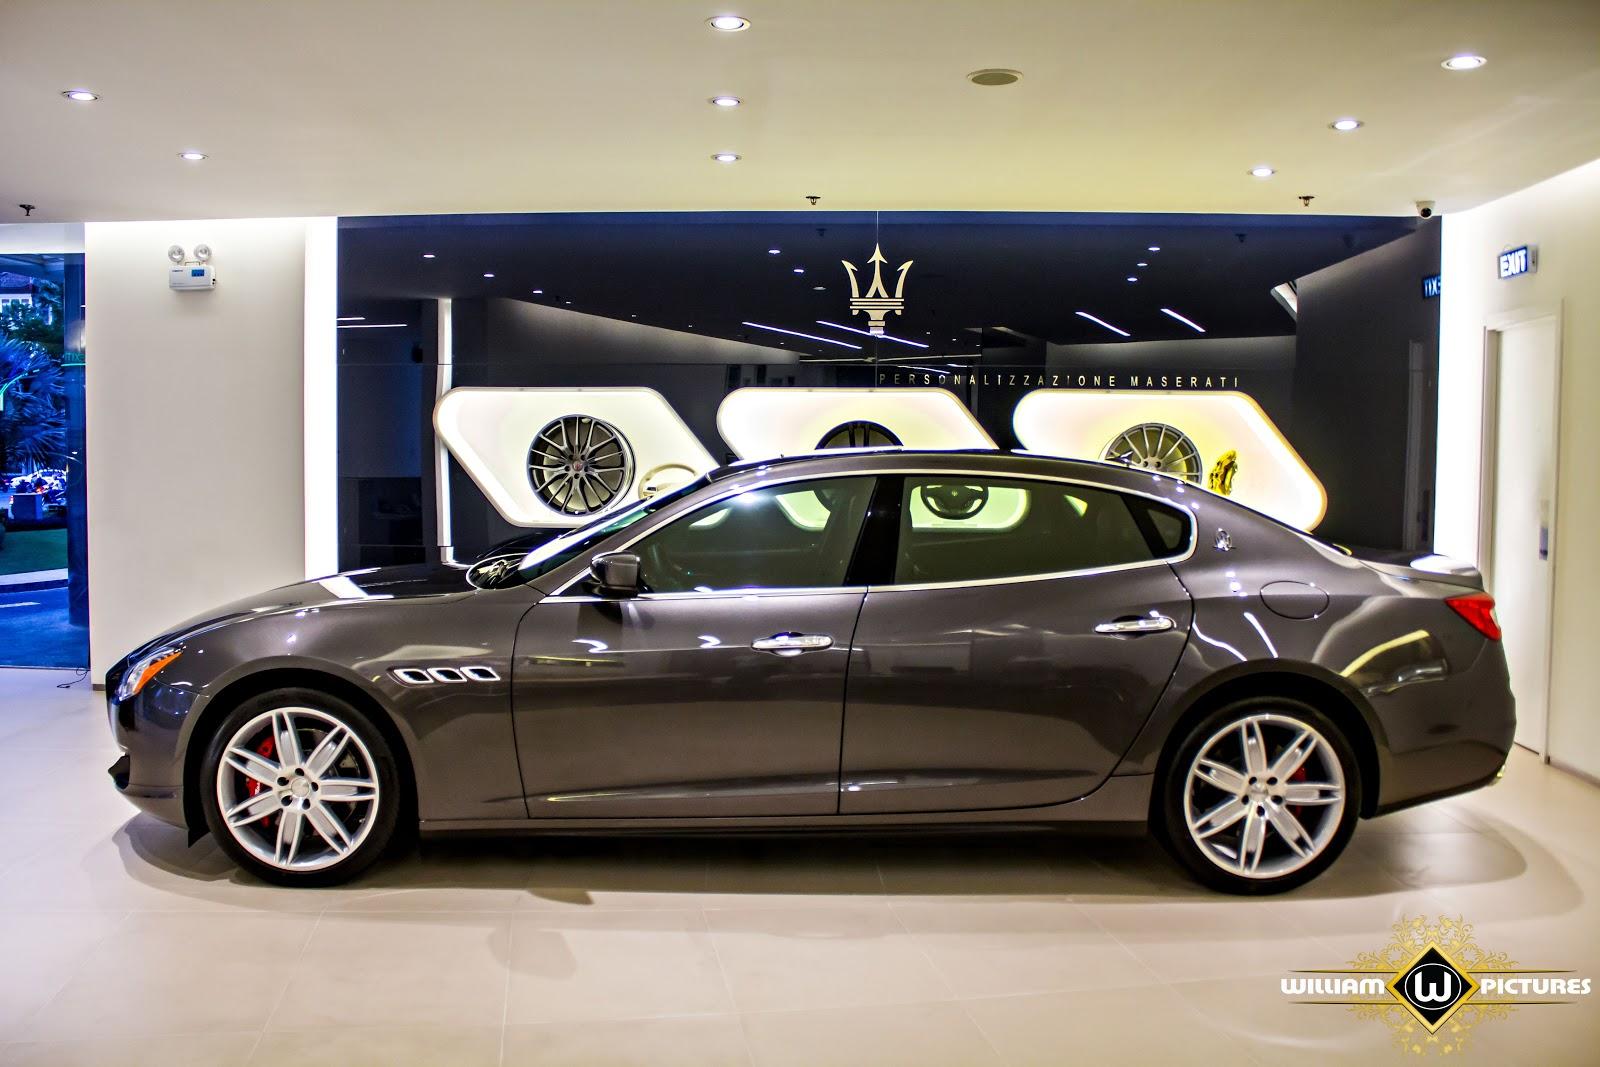 Nếu khách hàng muốn sự độc đáo, sự khác biệt, sự thể thao và đầy ngưỡng mộ, thì Maserati Quattroporte là lựa chọn tuyệt hảo trong phân khúc